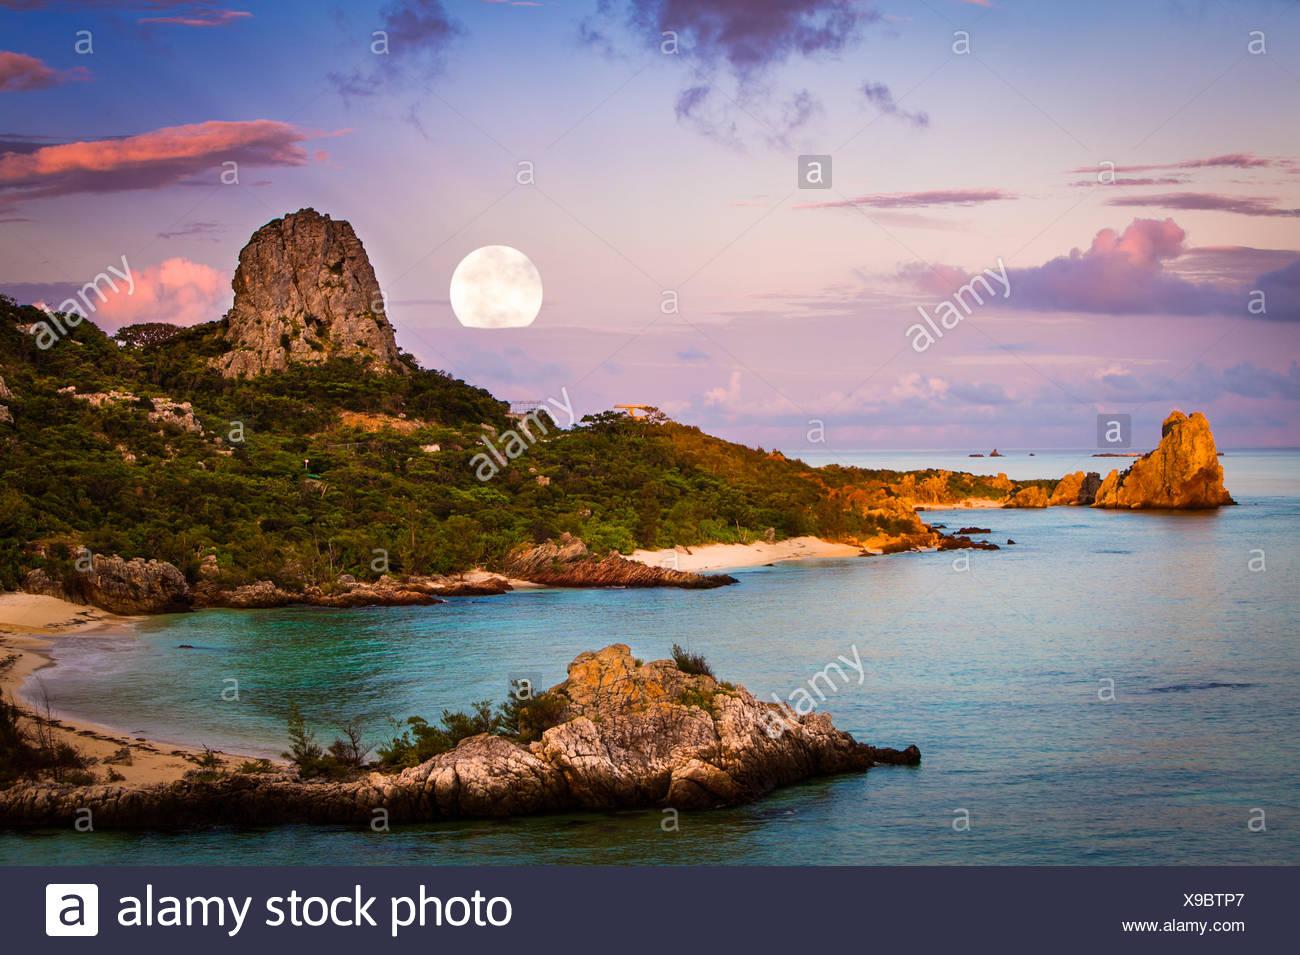 Luna sobre el paisaje costero, Okinawa, Japón Imagen De Stock